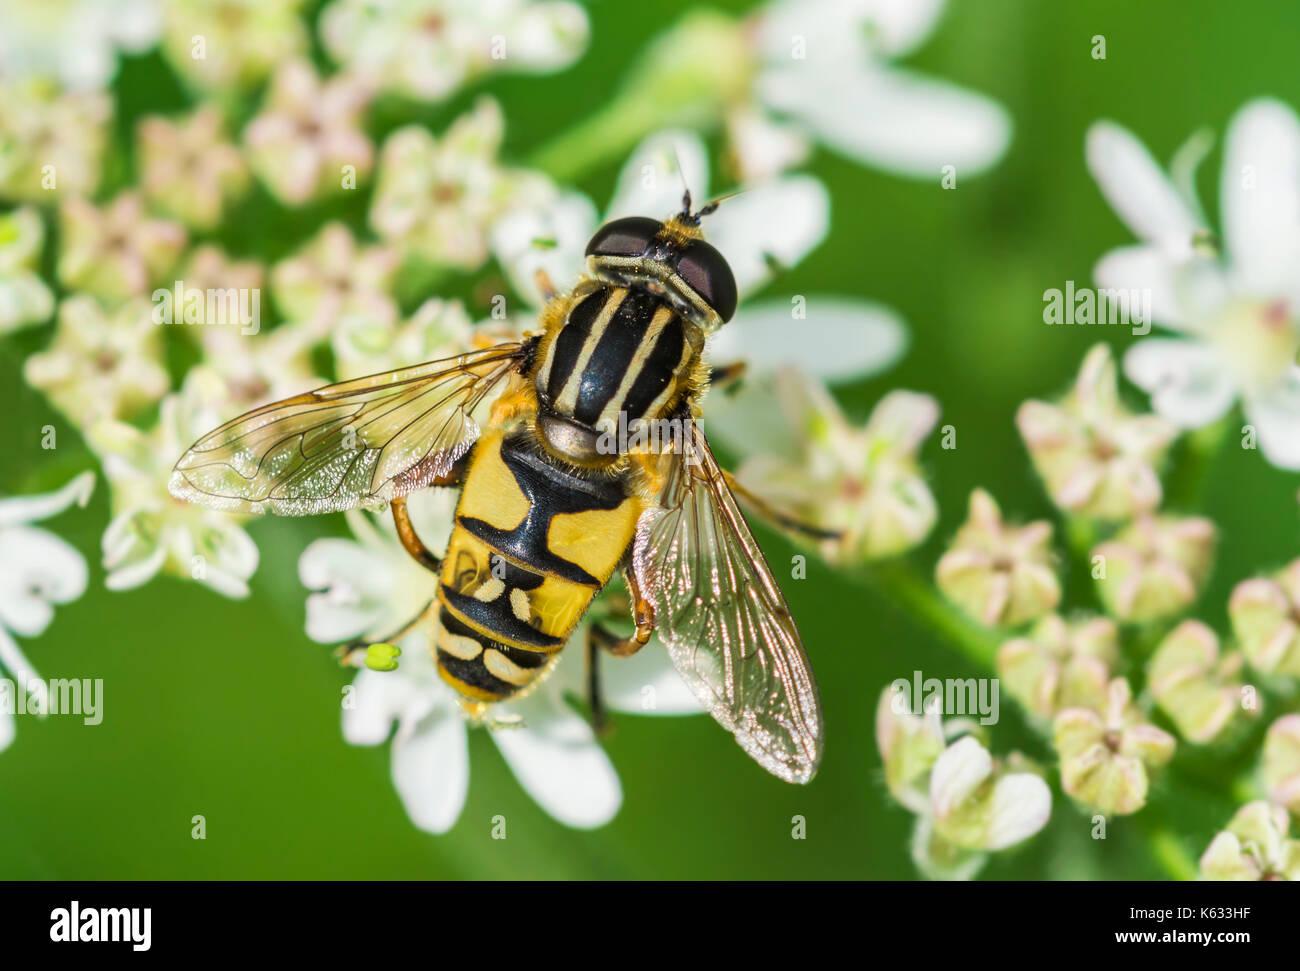 helophilus-pendulus-european-hoverfly-ak